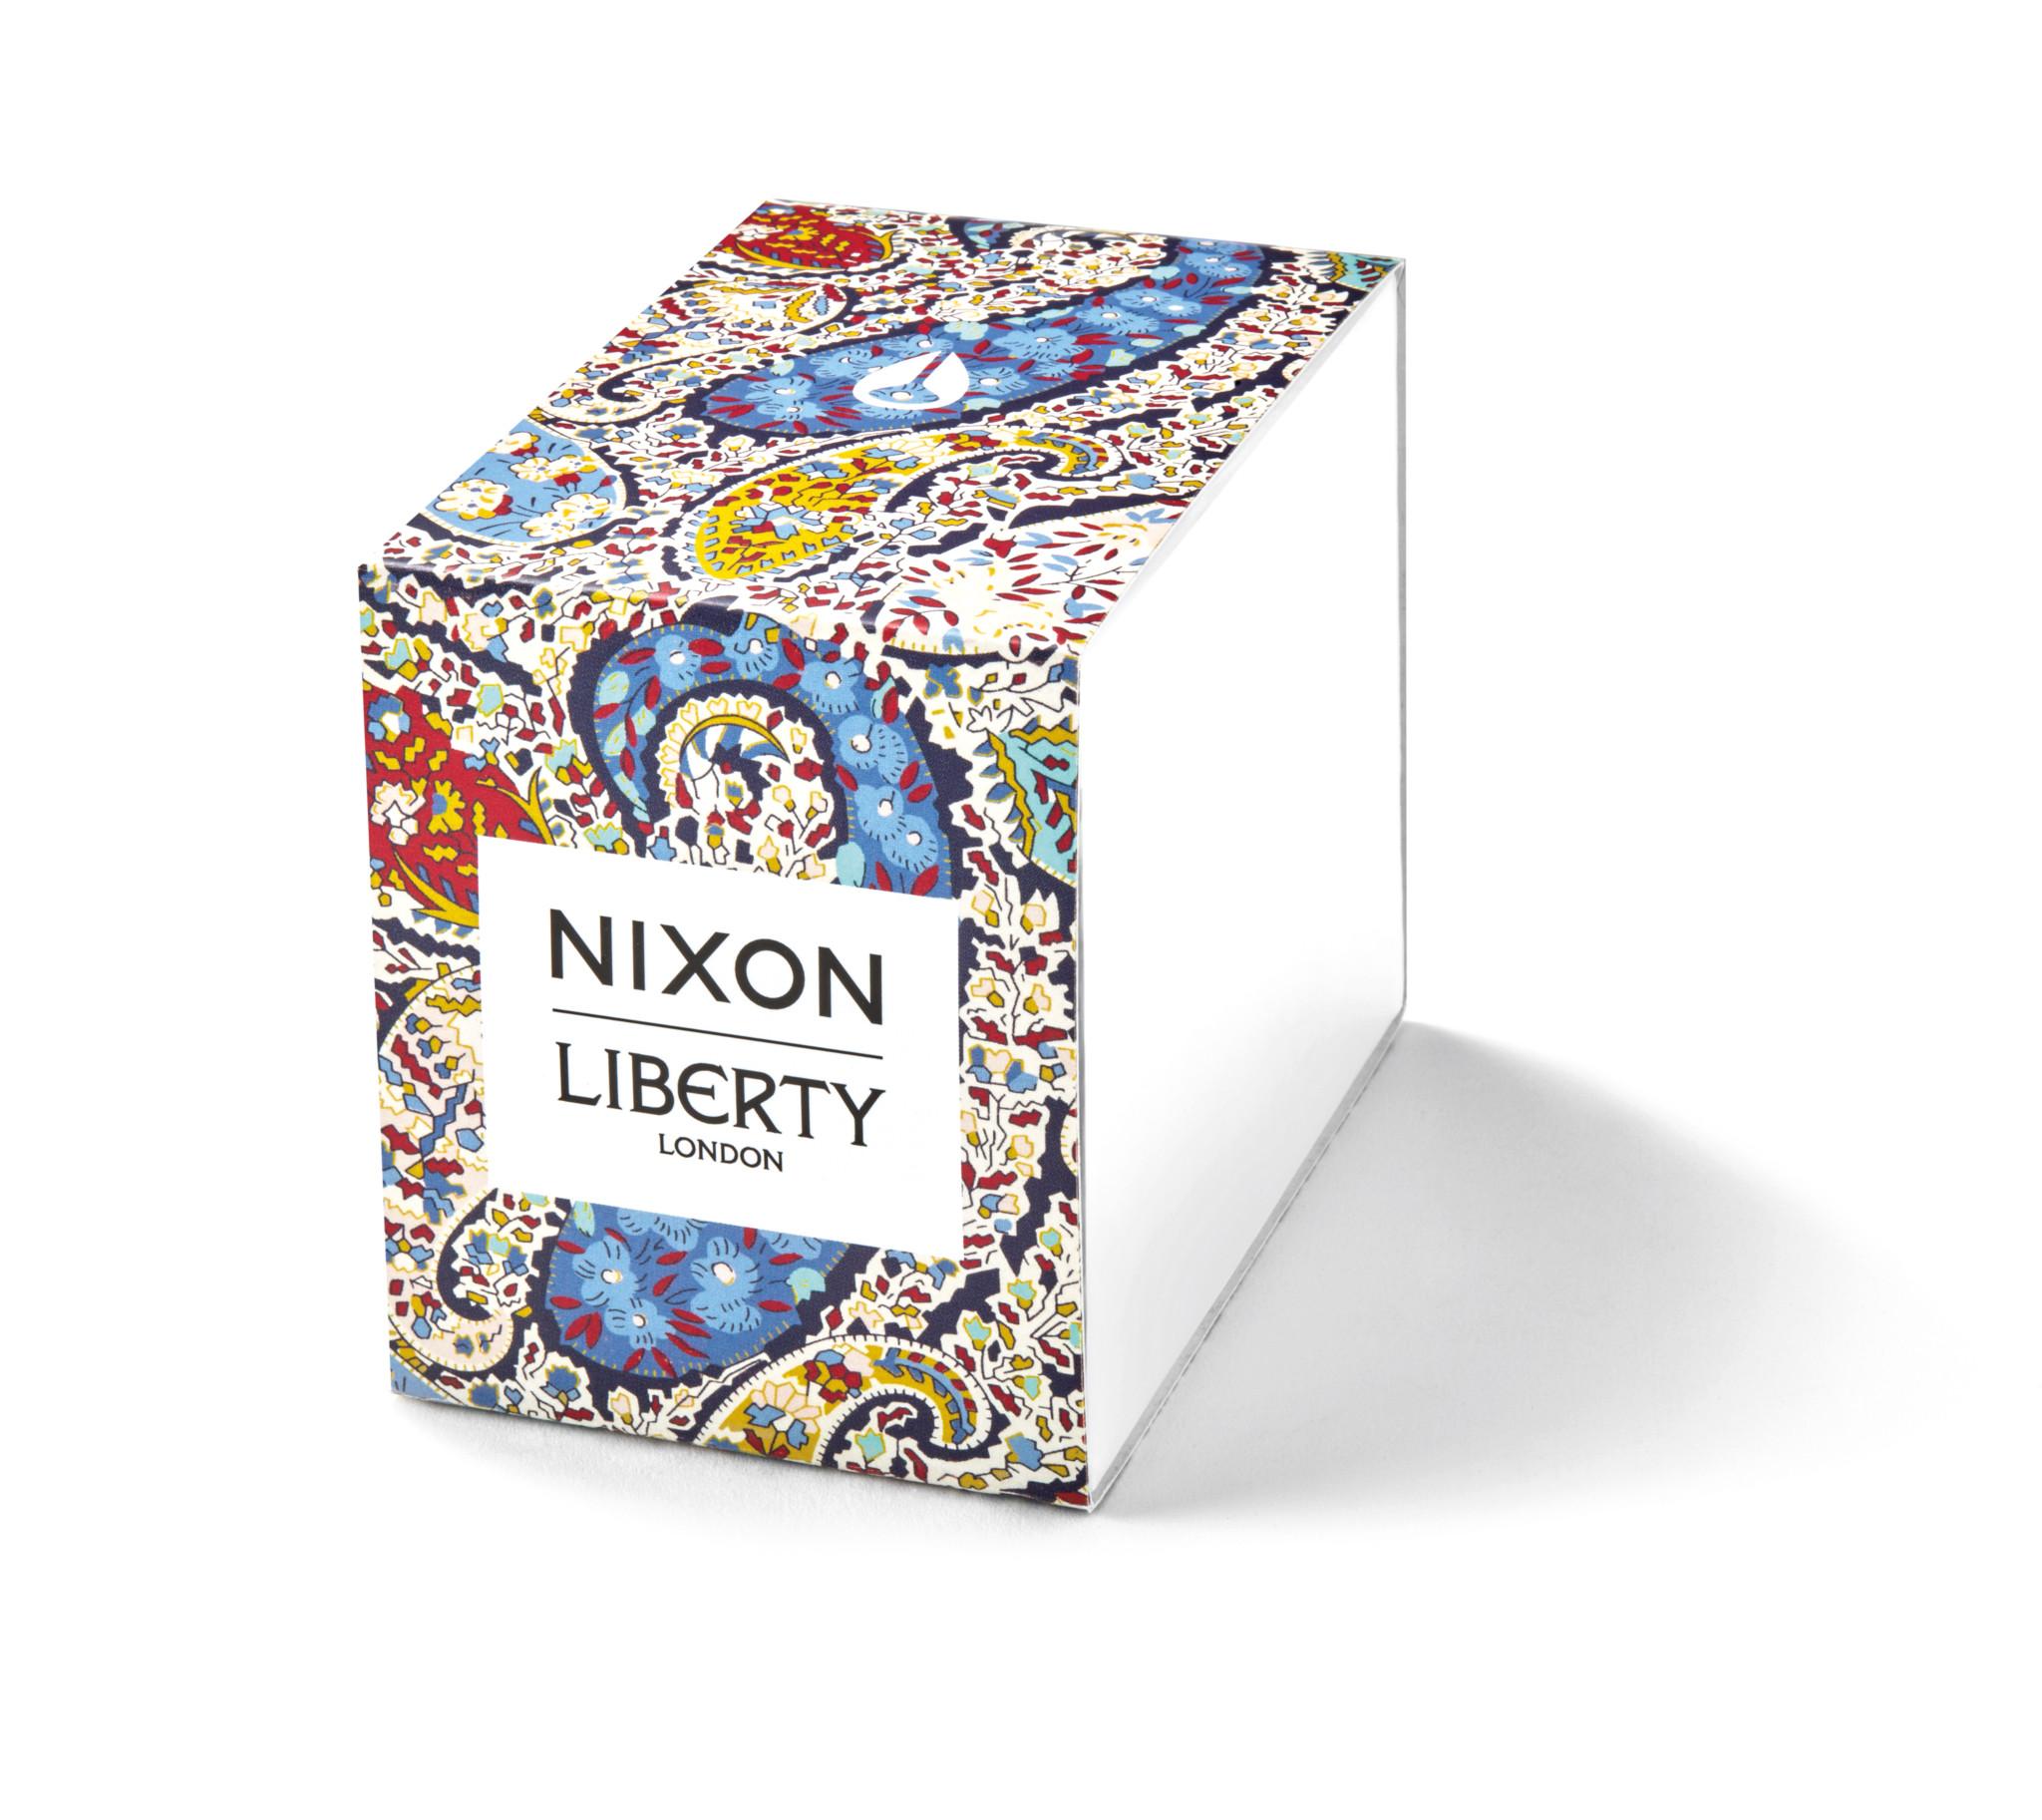 nixon-liberty-packaging